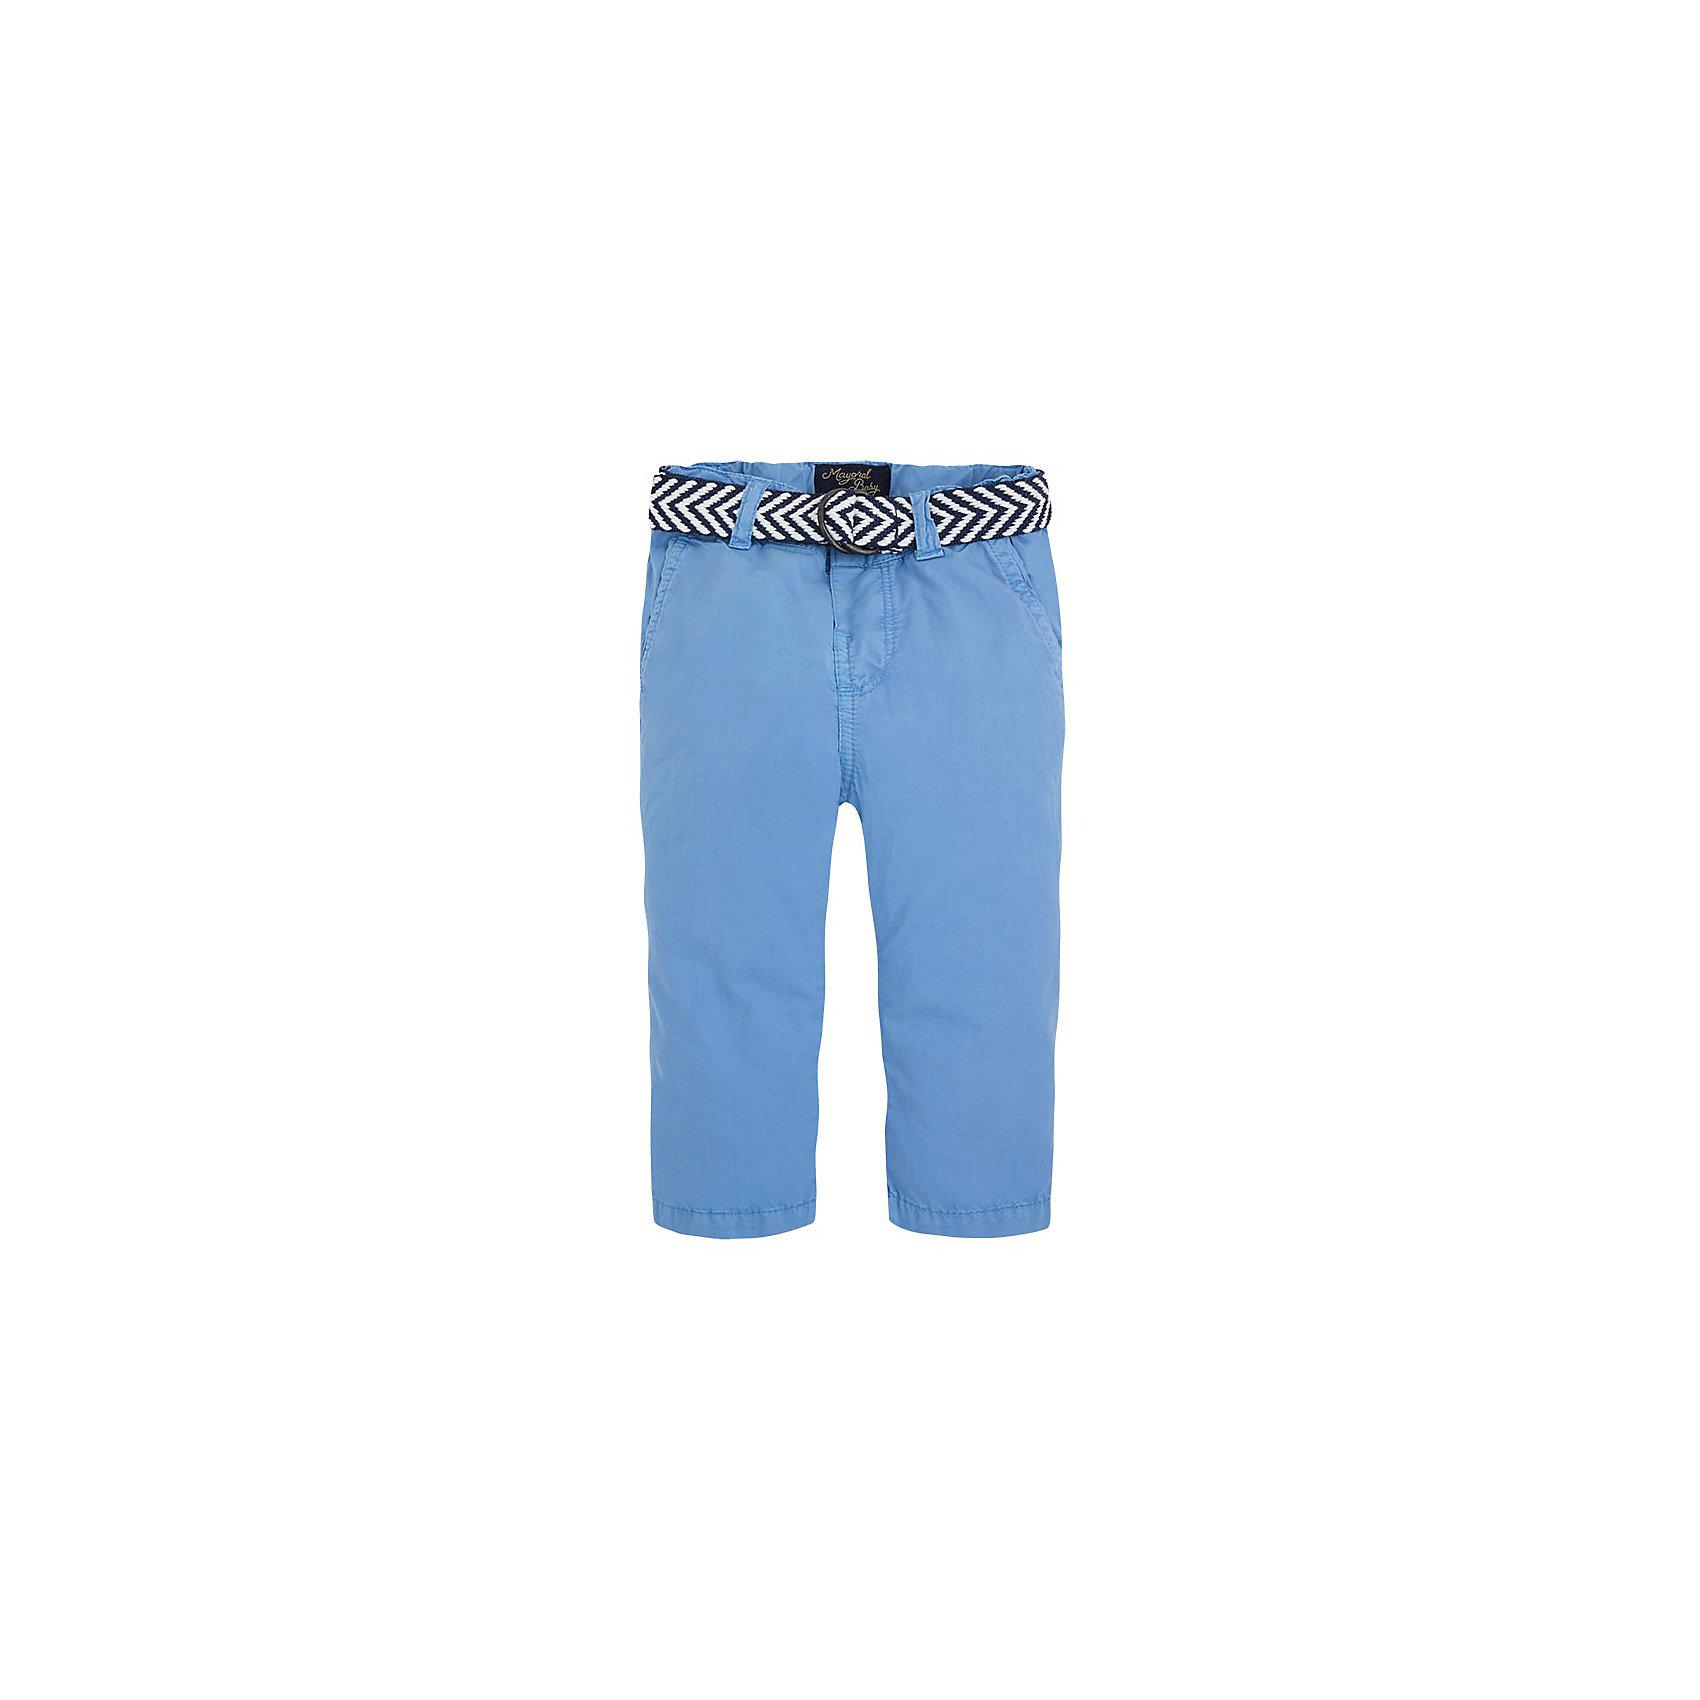 Брюки для мальчика MayoralБрюки для мальчика от популярной испанской марки Mayoral.<br><br>Стильные синие брюки от бренда Mayoral (Майорал) станут ярким акцентом в гардеробе ребенка. Они отлично садятся по фигуре, смотрятся очень модно и эффектно. <br>Продуманный крой и качественный материал обеспечивают комфорт для детей при ношении этой вещи. Натуральный хлопок в составе ткани делает ее дышащей и приятной на ощупь.<br><br>Модель имеет следующие особенности:<br><br>- натуральная хлопковая ткань красивого синего цвета;<br>- функциональные карманы, украшенные прострочкой;<br>- модный текстильный ремень в комплекте;<br>- объем талии регулируется внутренней резинкой.<br><br>Состав: 100% хлопок<br><br>Уход за изделием:<br><br>стирка в машине при температуре до 30°С,<br>не отбеливать,<br>гладить на низкой температуре.<br> <br>Габариты:<br><br>длина штанин по внутреннему шву – 22 см.<br><br>*Числовые параметры соответствуют росту 74<br><br>Брюки для мальчика Mayoral (Майорал) можно купить в нашем магазине.<br><br>Ширина мм: 215<br>Глубина мм: 88<br>Высота мм: 191<br>Вес г: 336<br>Цвет: голубой<br>Возраст от месяцев: 12<br>Возраст до месяцев: 12<br>Пол: Мужской<br>Возраст: Детский<br>Размер: 80,74,86,92<br>SKU: 4069979